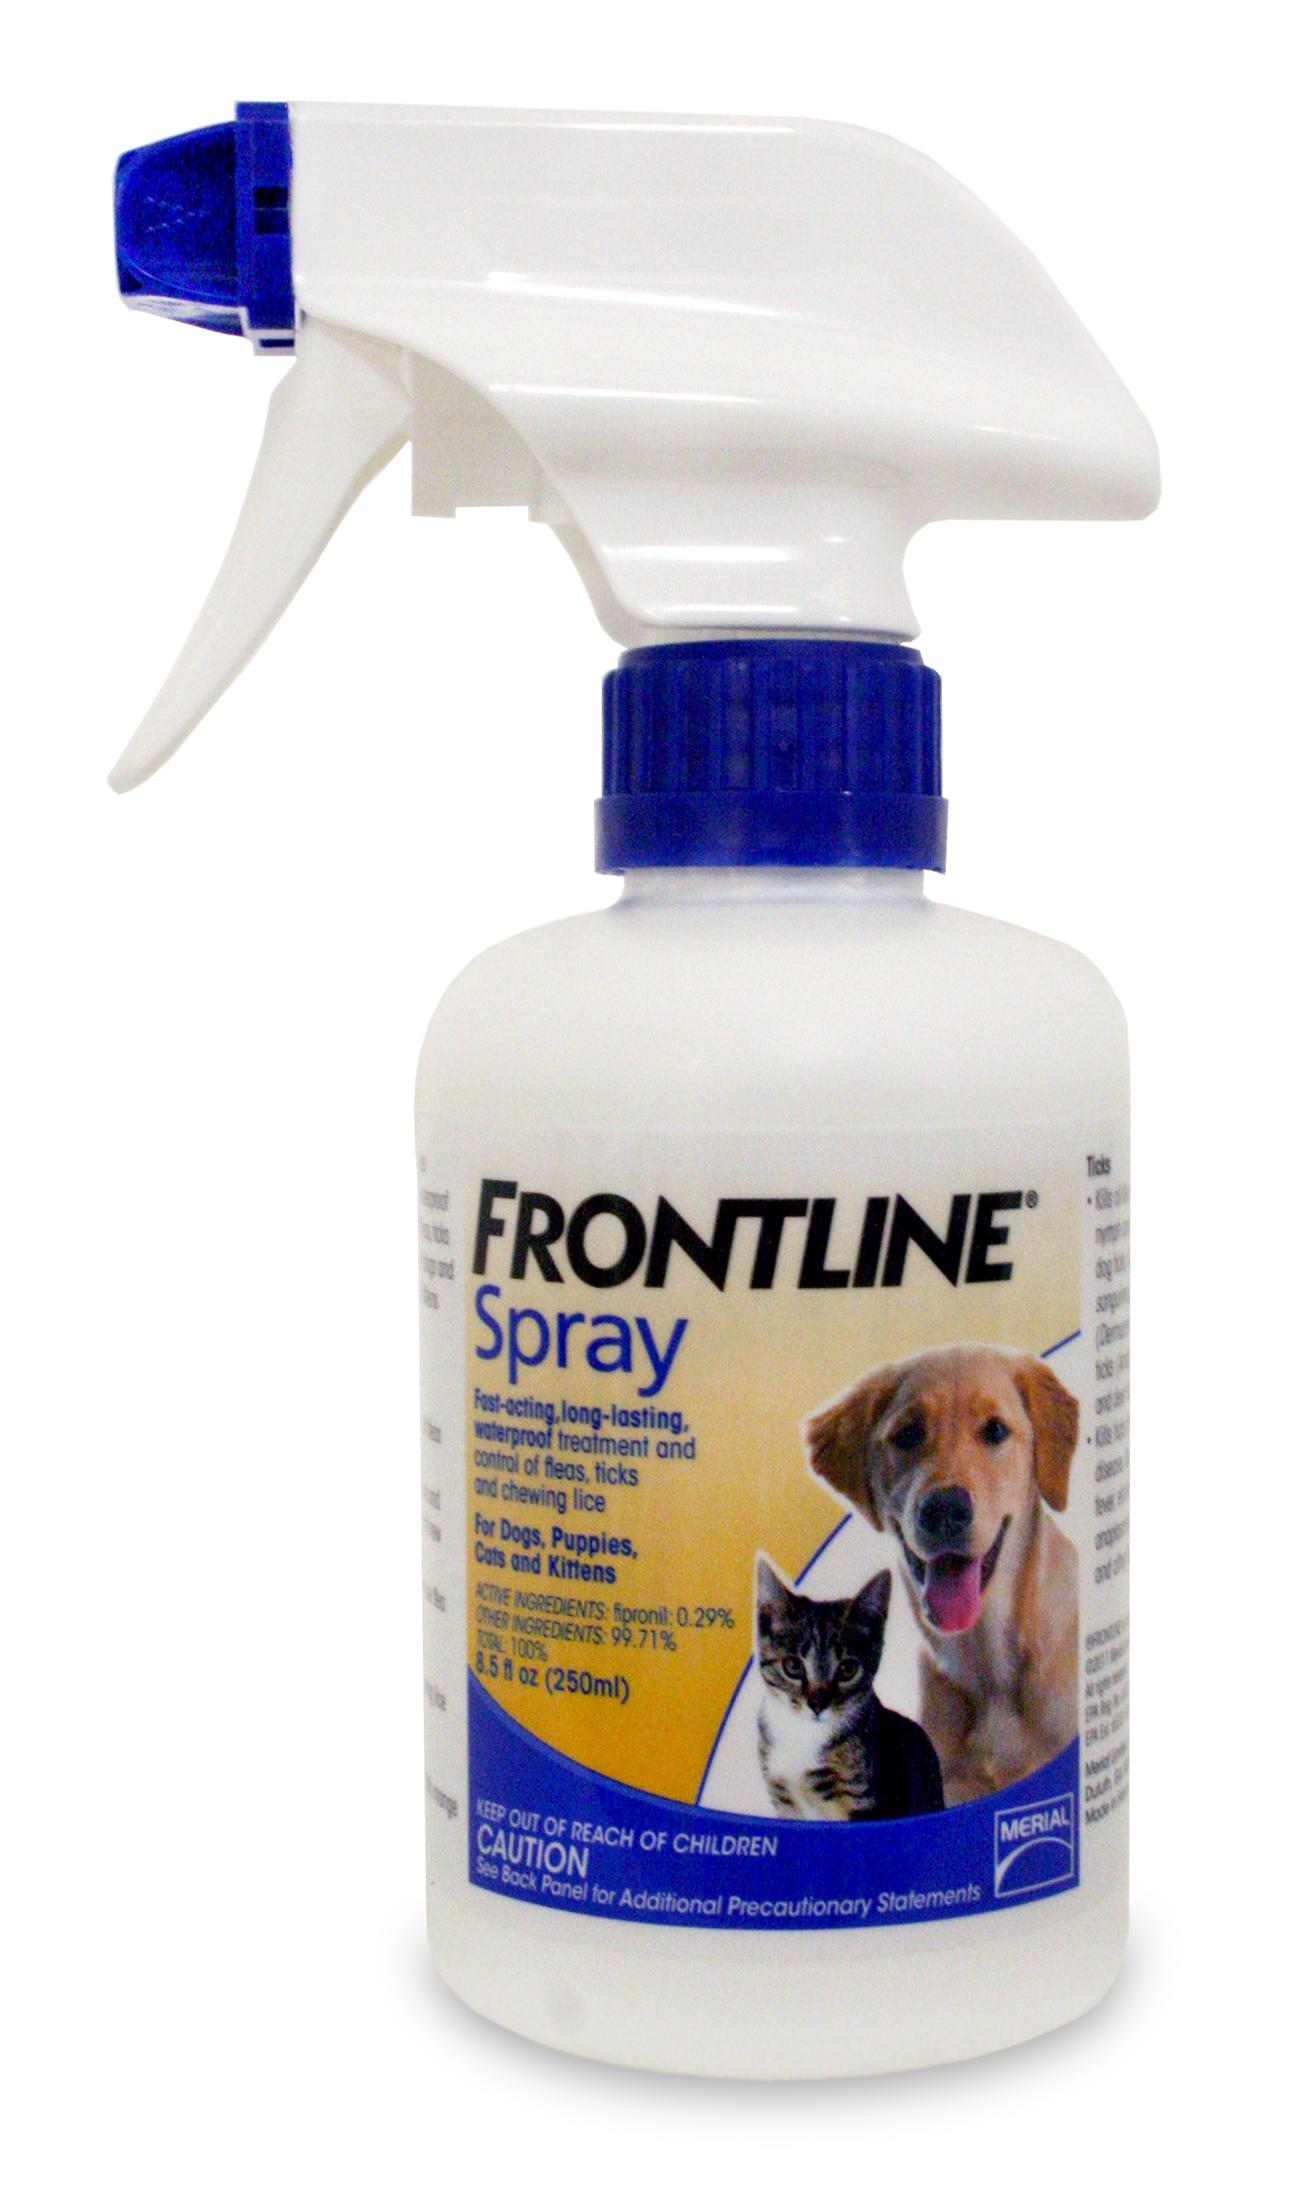 Frontline Spray Dog Flea Spray Lambert Vet Supply